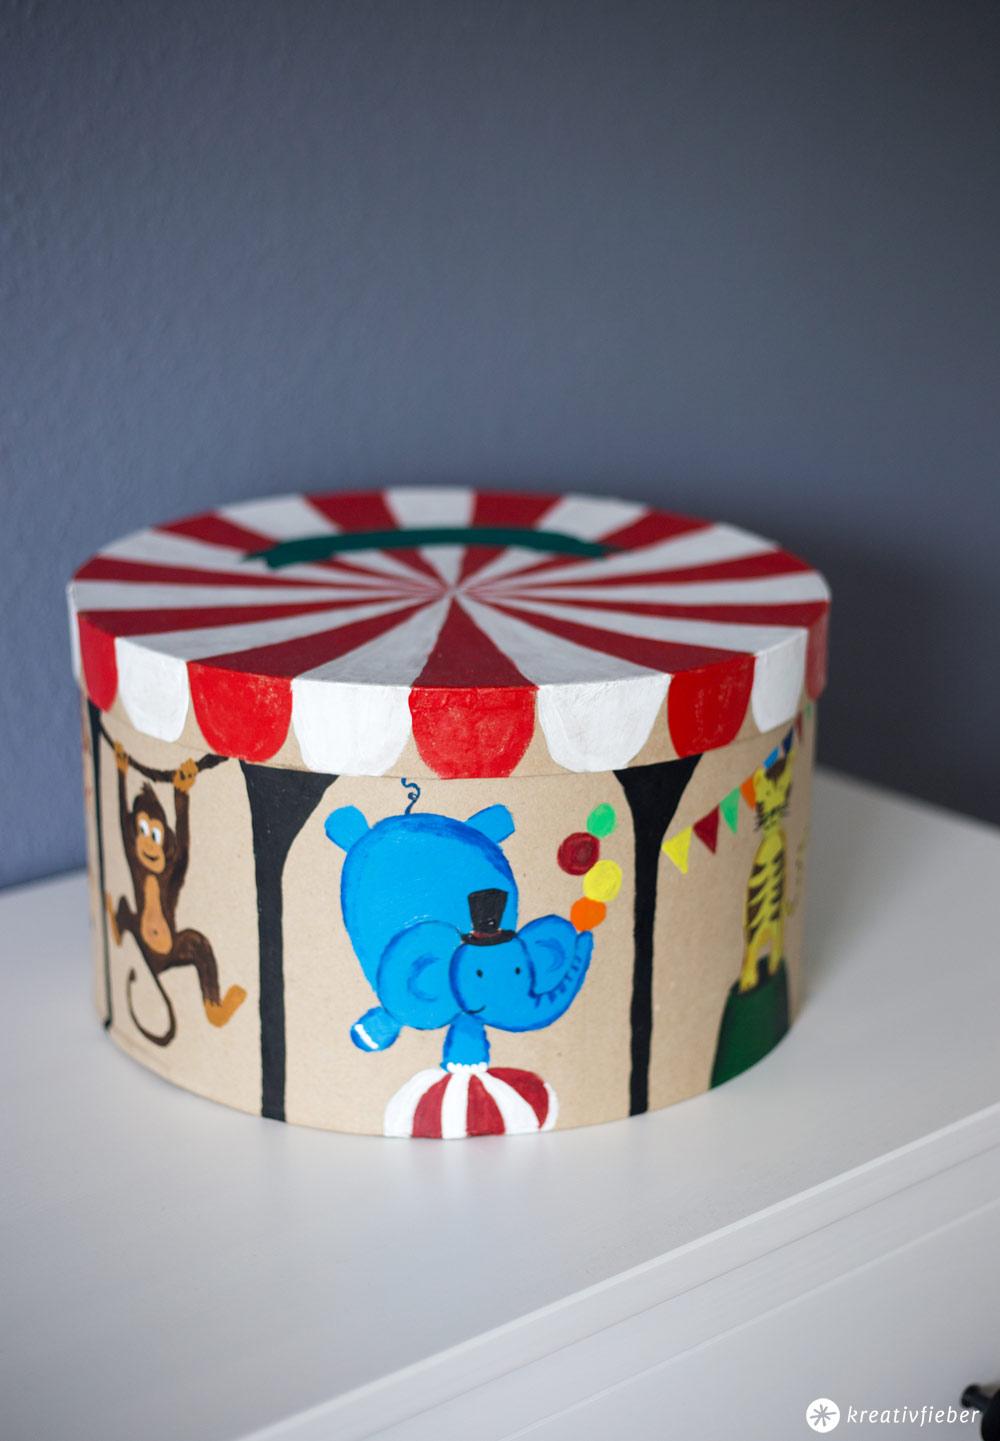 DIY Zirkus Schachtel fürs Kinderzimmer - Mehr Ordung im Kinderzimmer - Zirkusschachtel zum Spielen - DIY Ideen für Kinder